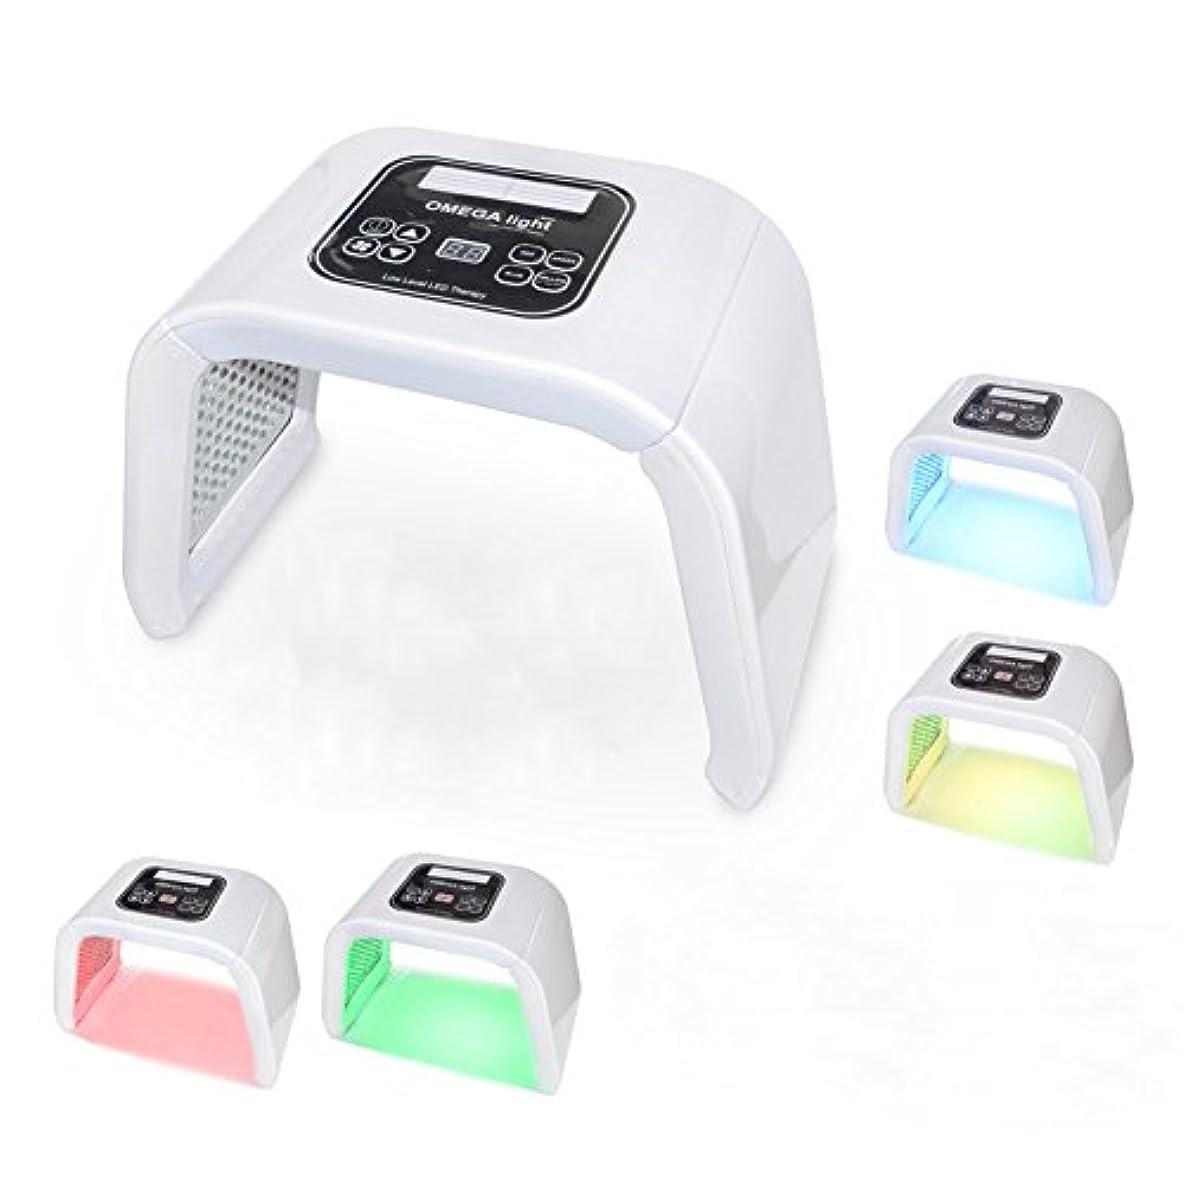 メイン言い訳瞑想にきびの皮の若返りの美装置を白くする光子療法機械LED 4色,White